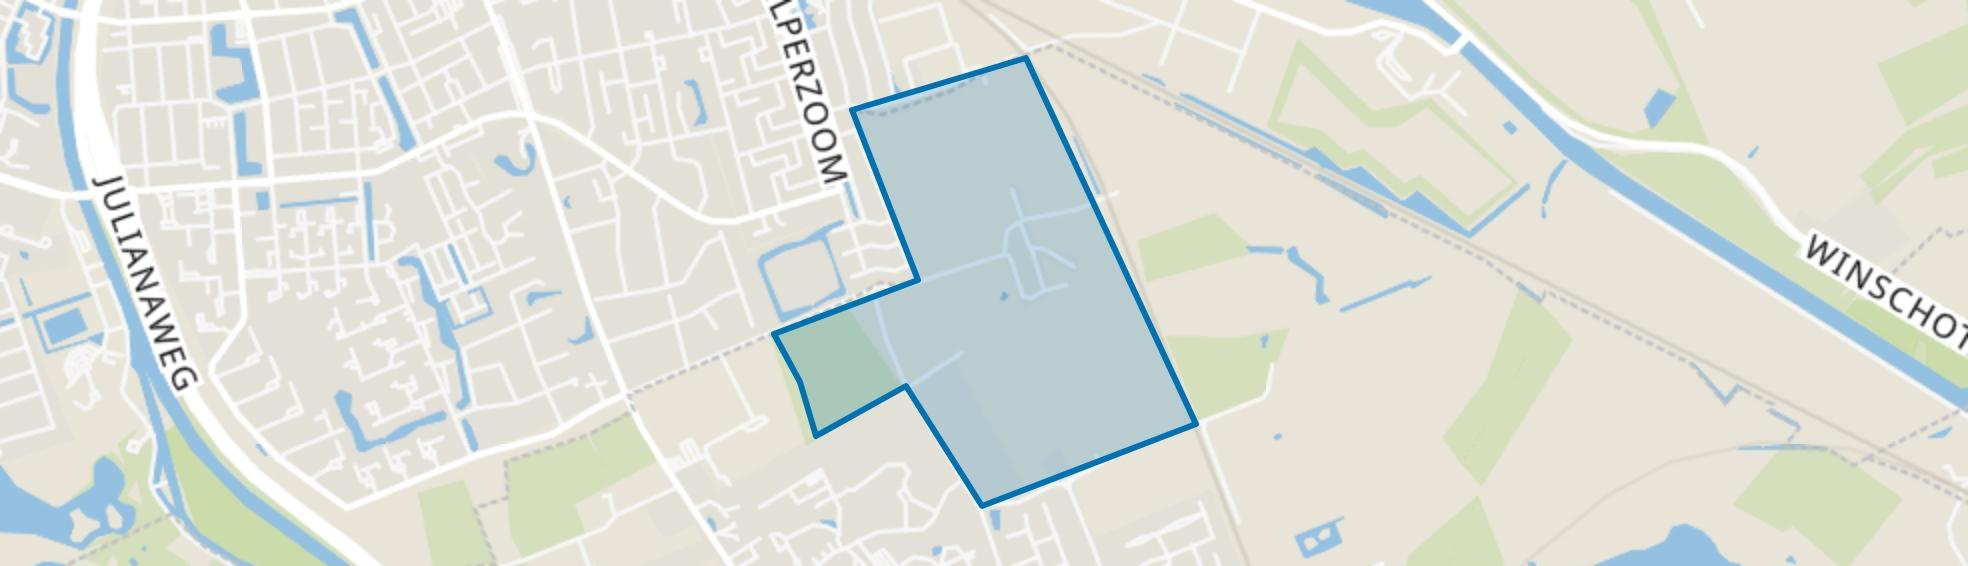 Essen, Haren (GR) map